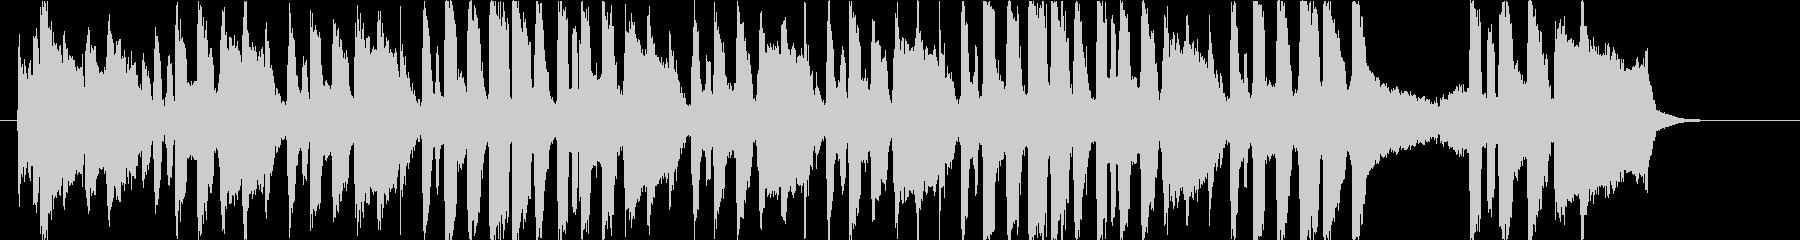 誕生日の歌(ワルツver) 【アオイ】の未再生の波形